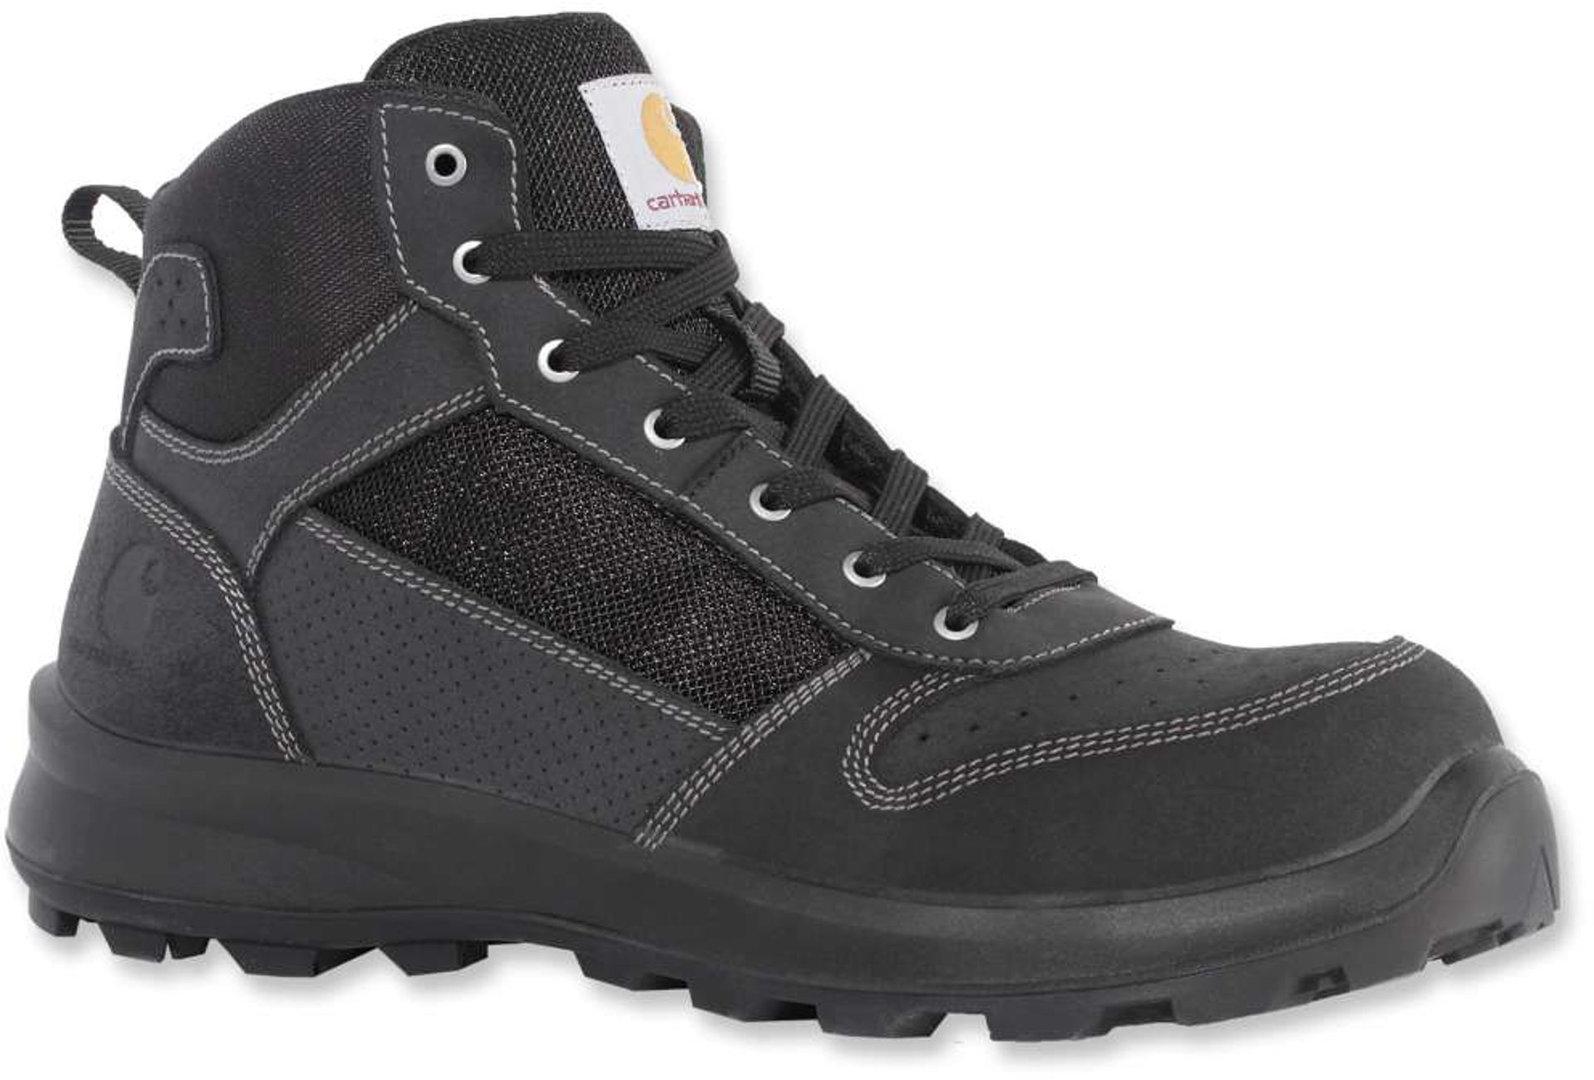 Carhartt Mid S1P Stiefel, schwarz, Größe 42, schwarz, Größe 42